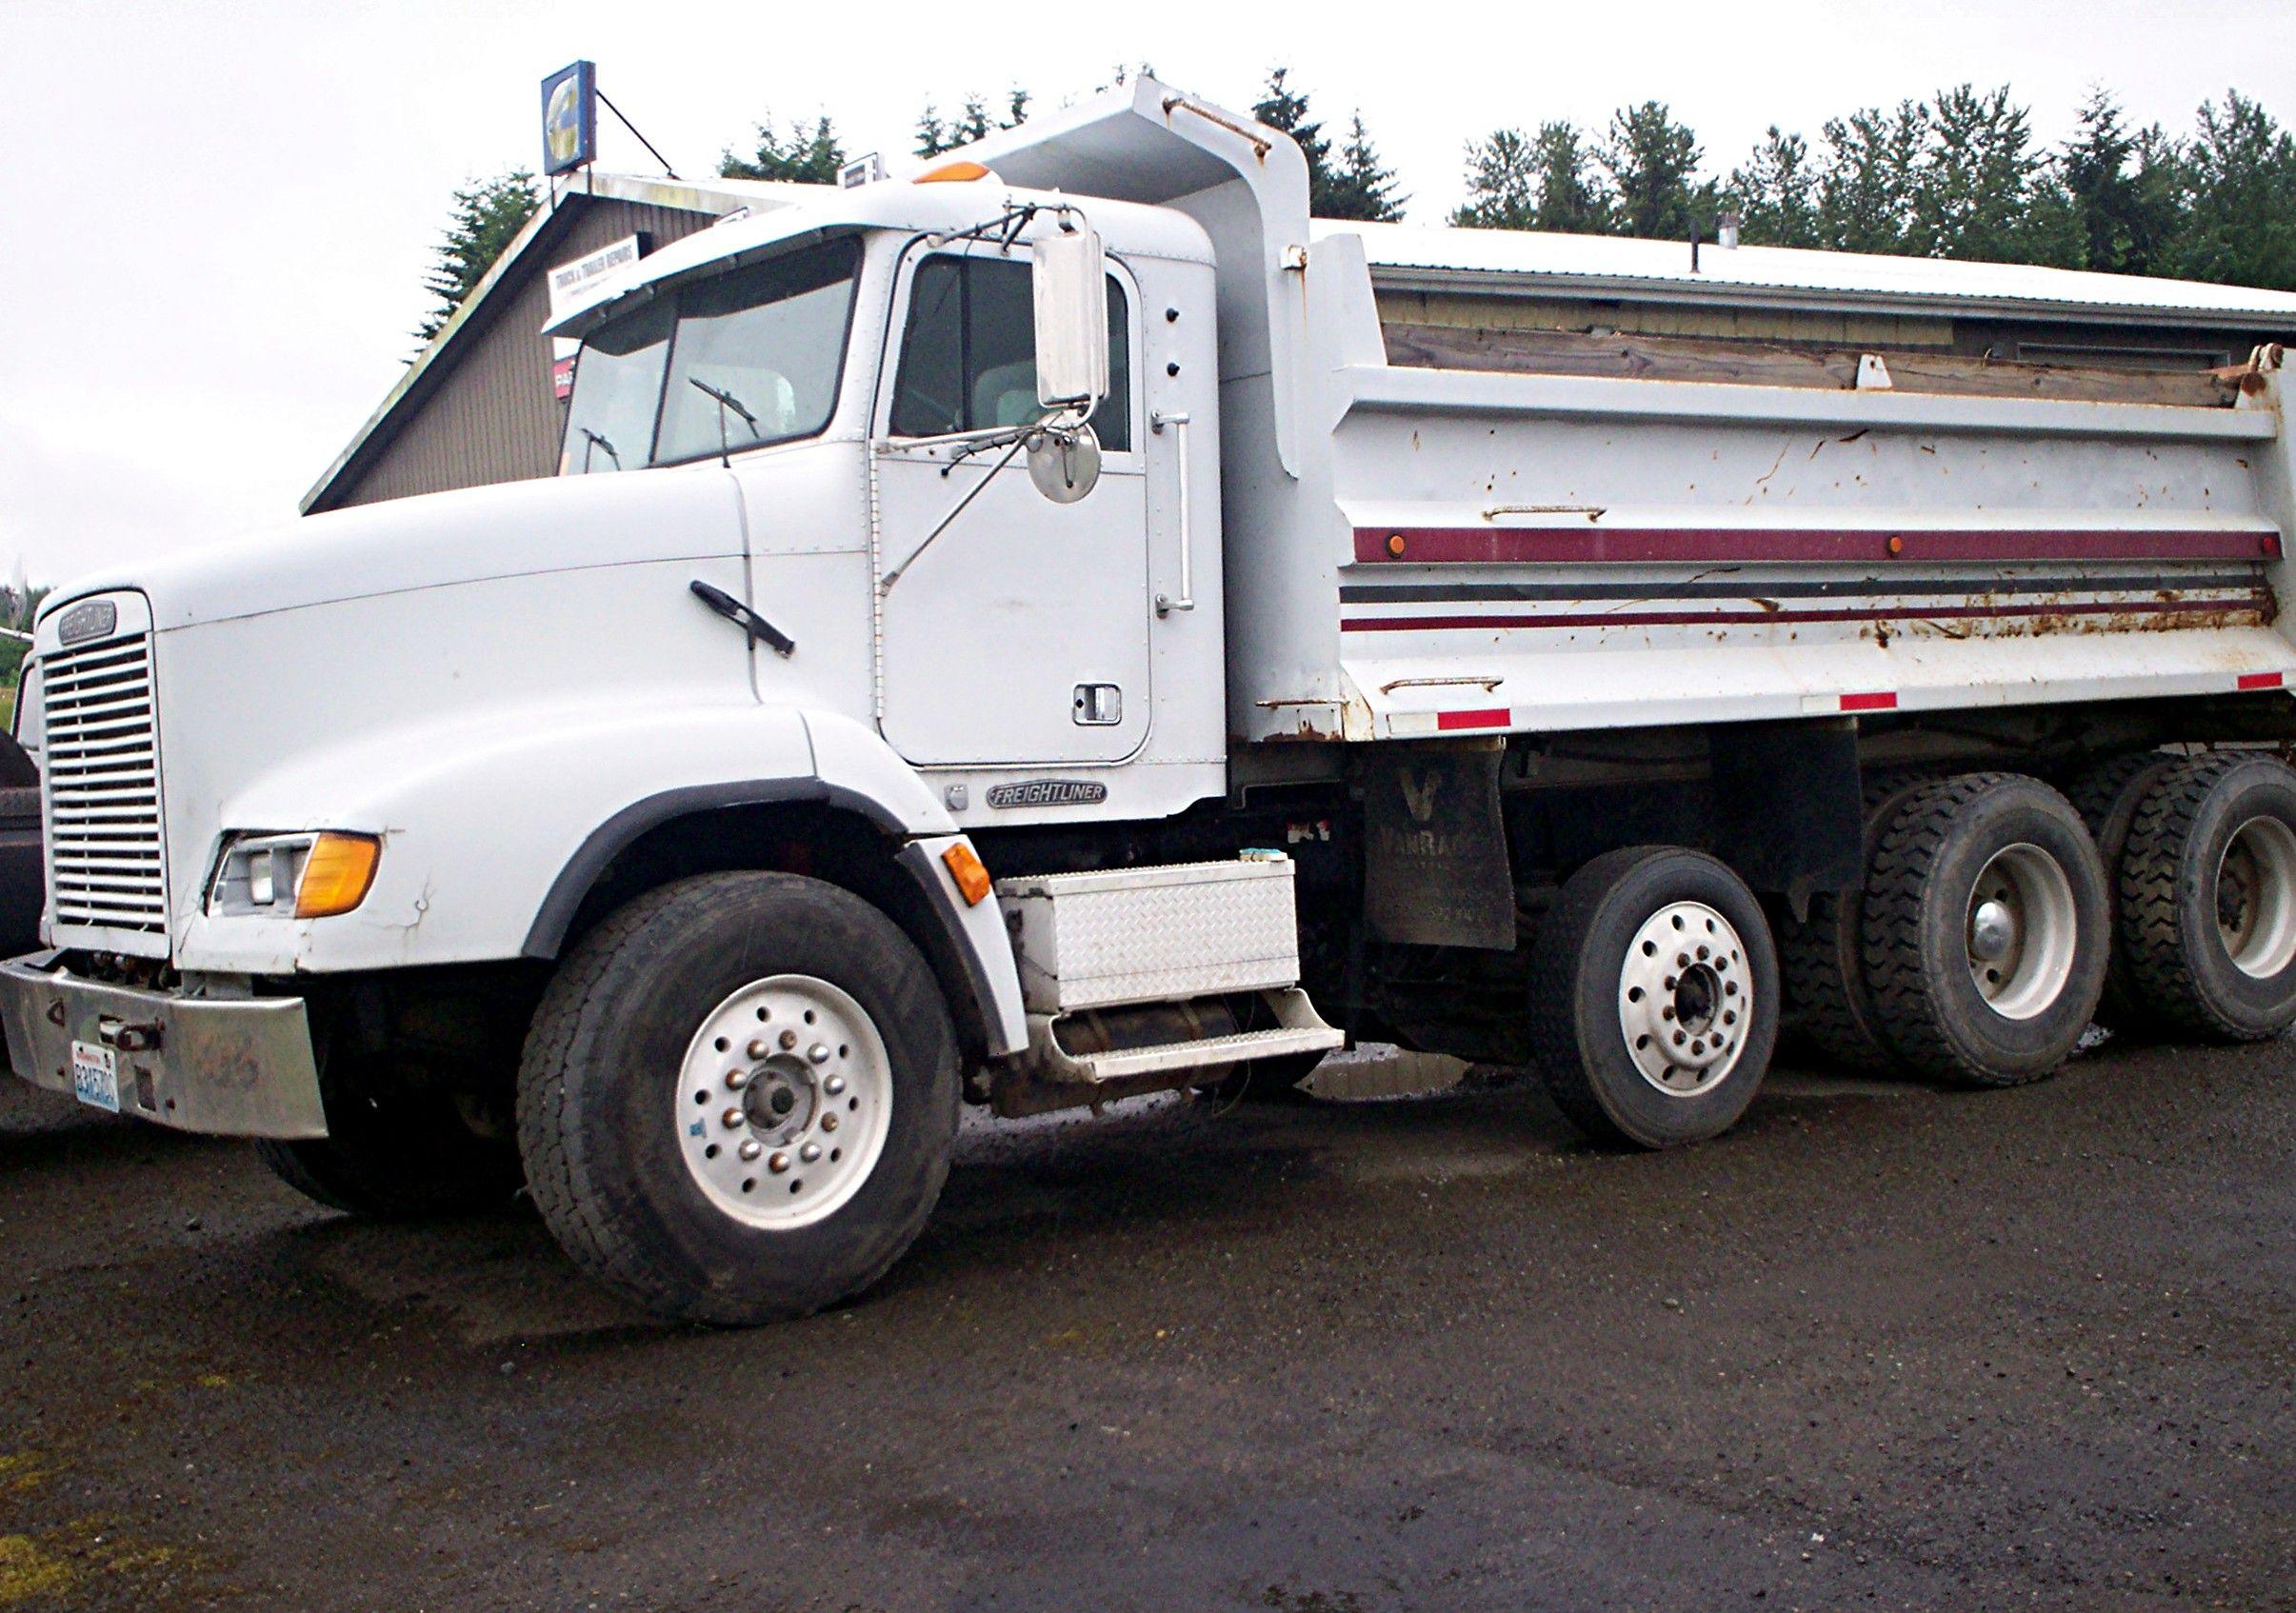 1994 Freightliner Fld 112 Dump Truck Jarvis Truck Sales In Toledo Wa Dump Trucks For Sale Dump Trucks Trucks For Sale